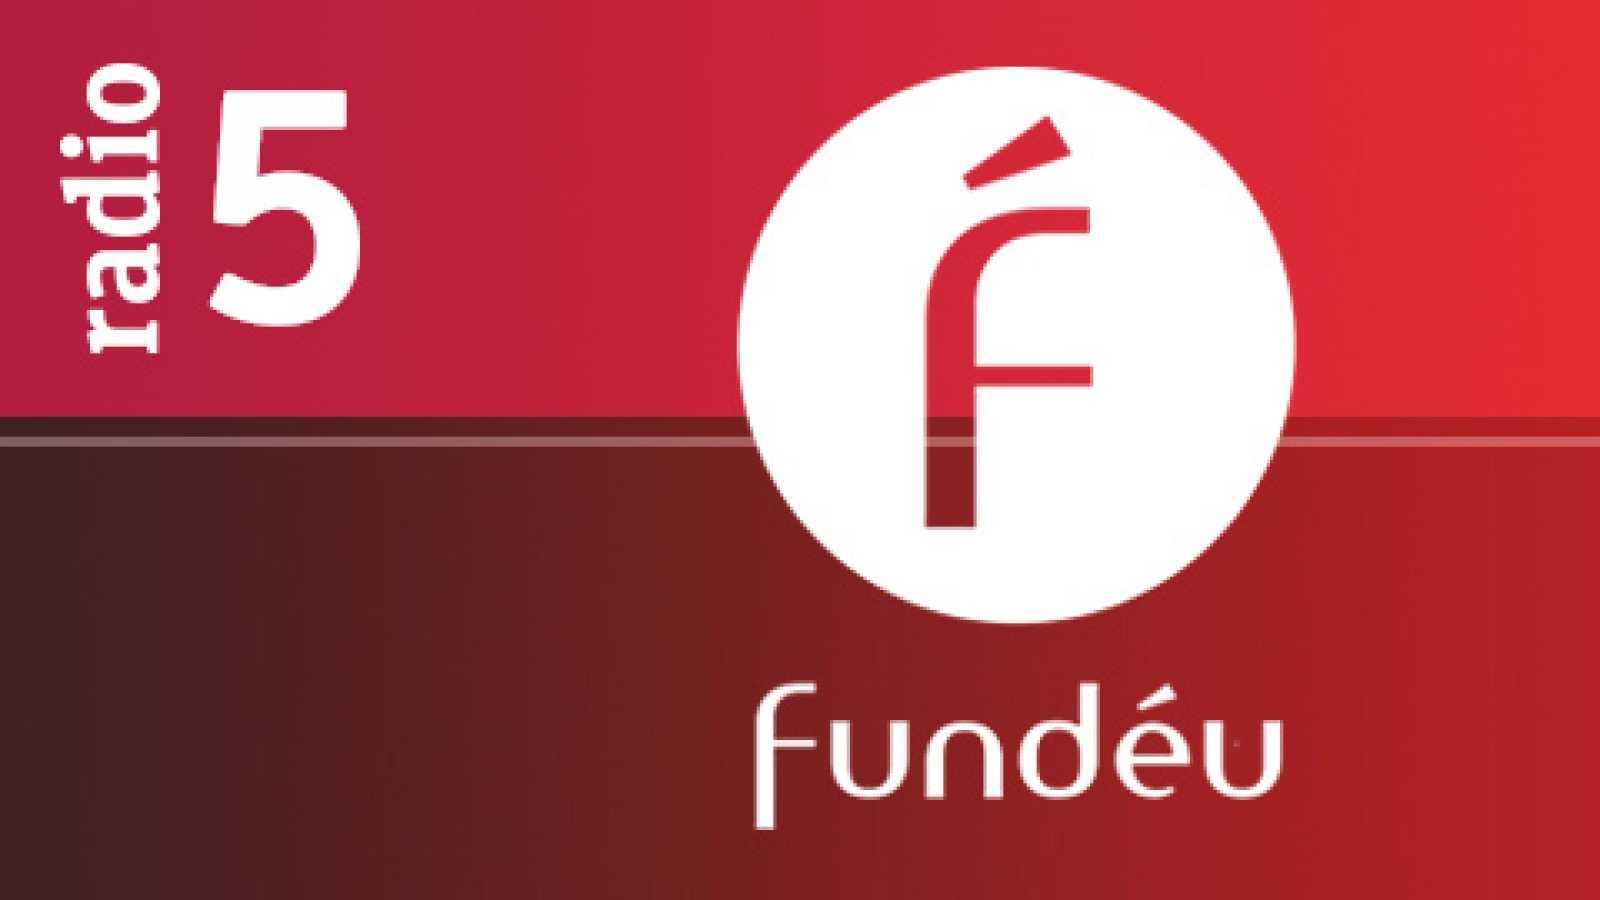 El español urgente con la Fundéu - Ellas se dan por vencidas - 22/01/19 - Escuchar ahora